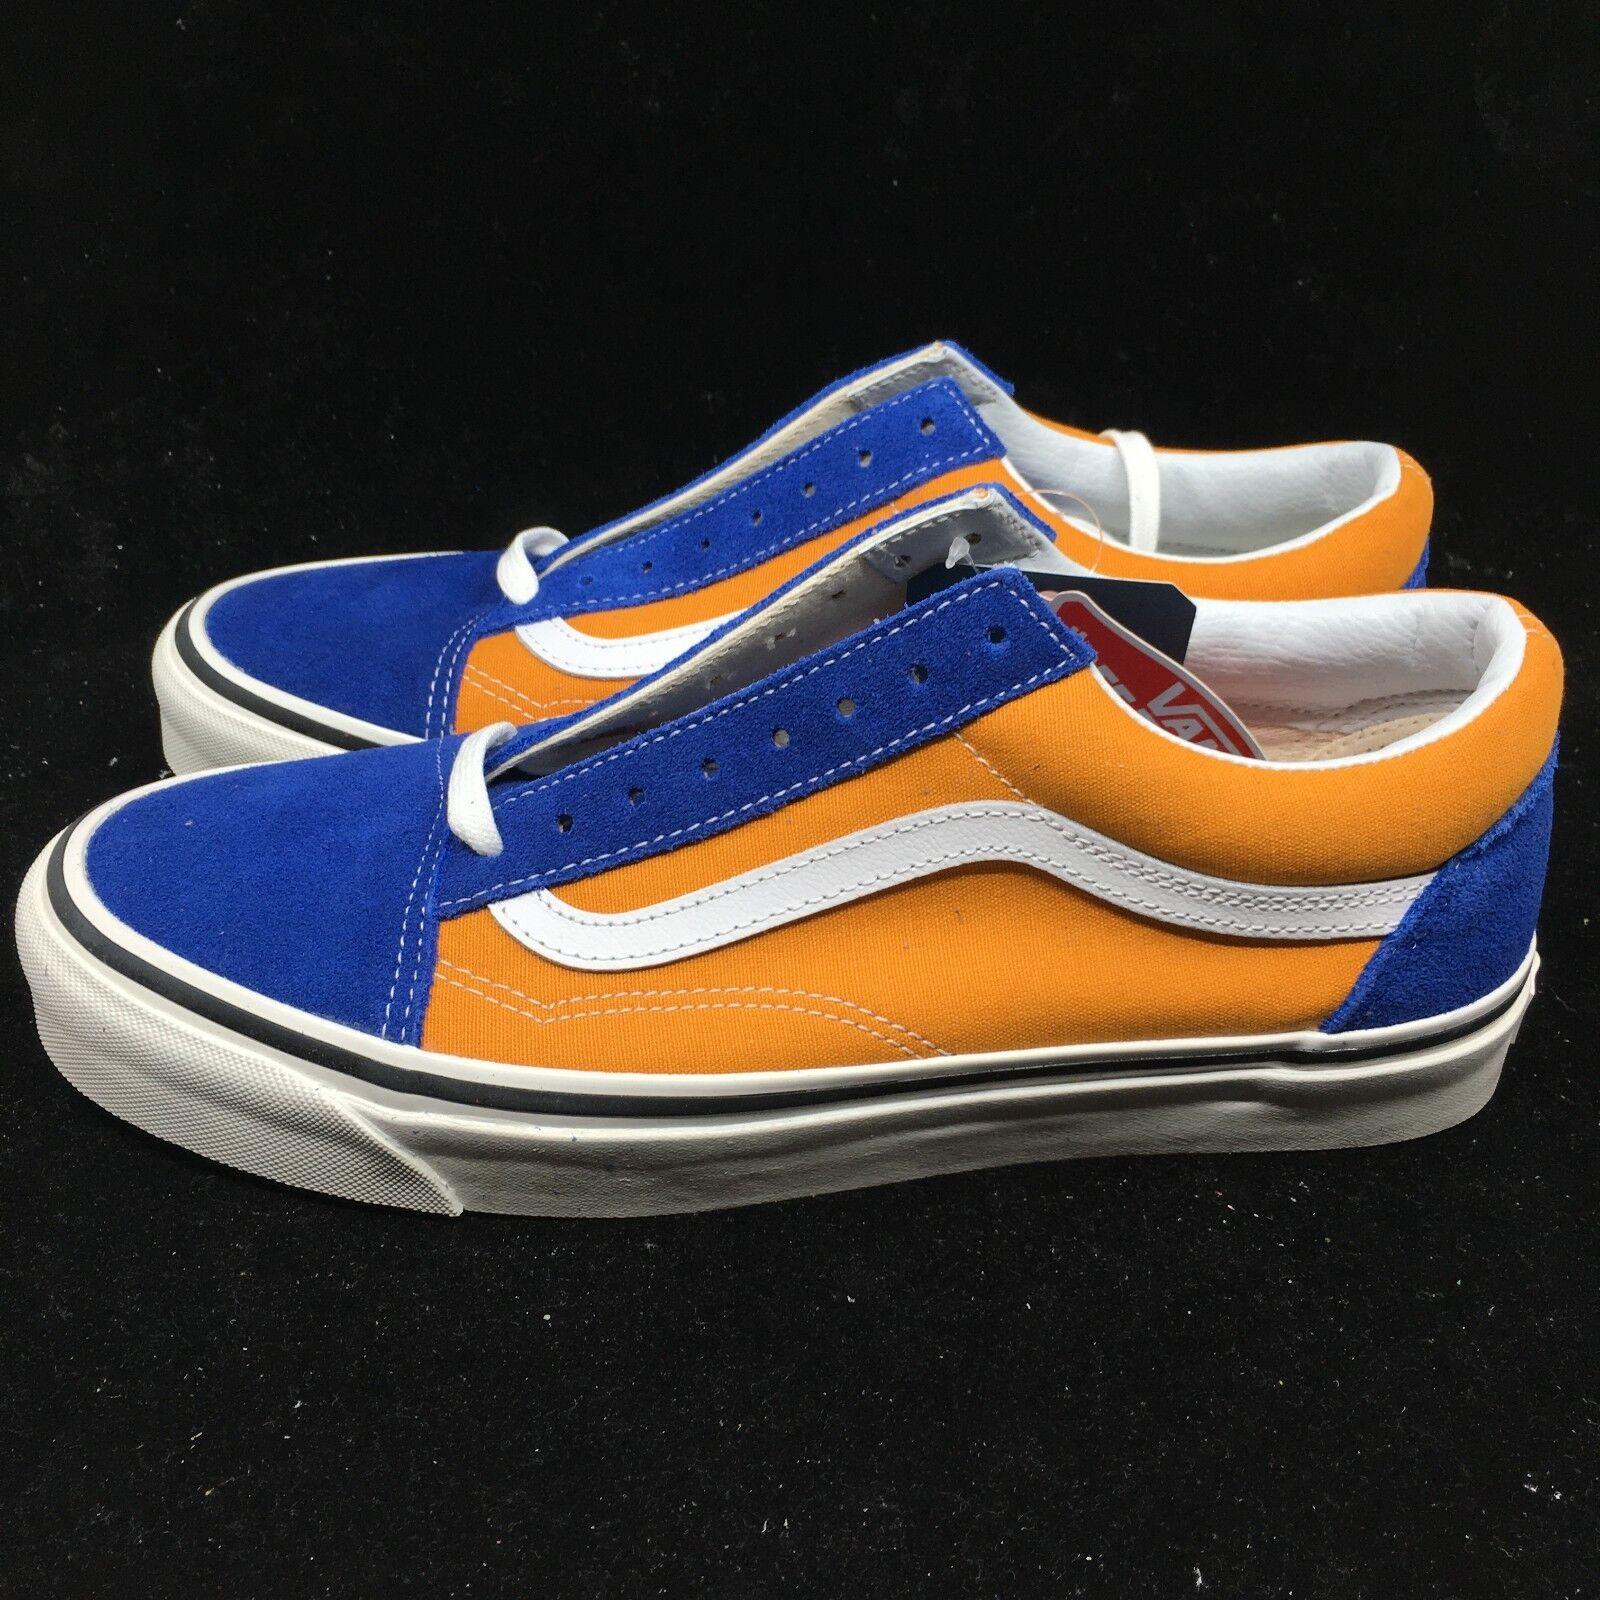 Vans Men's shoes Anaheim Factory Old Skool 36 DX OG bluee OG Saffron VN0A38G2R1V